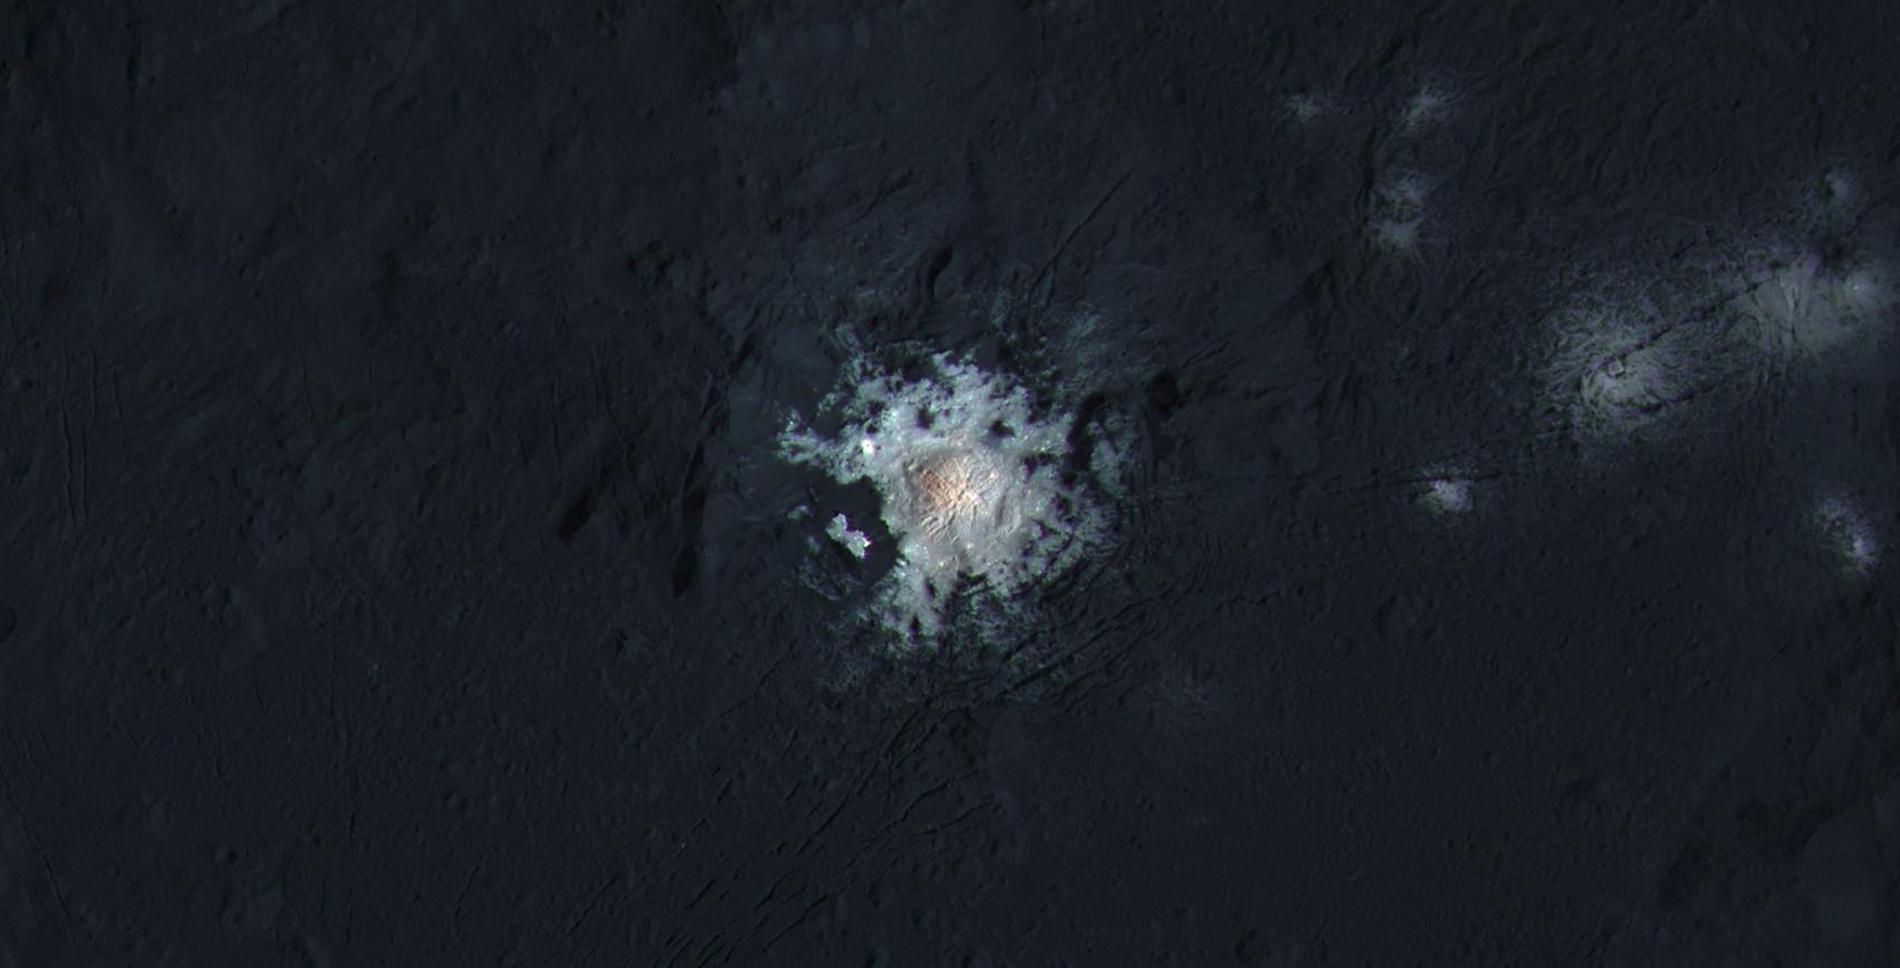 Le centre du cratère Occator